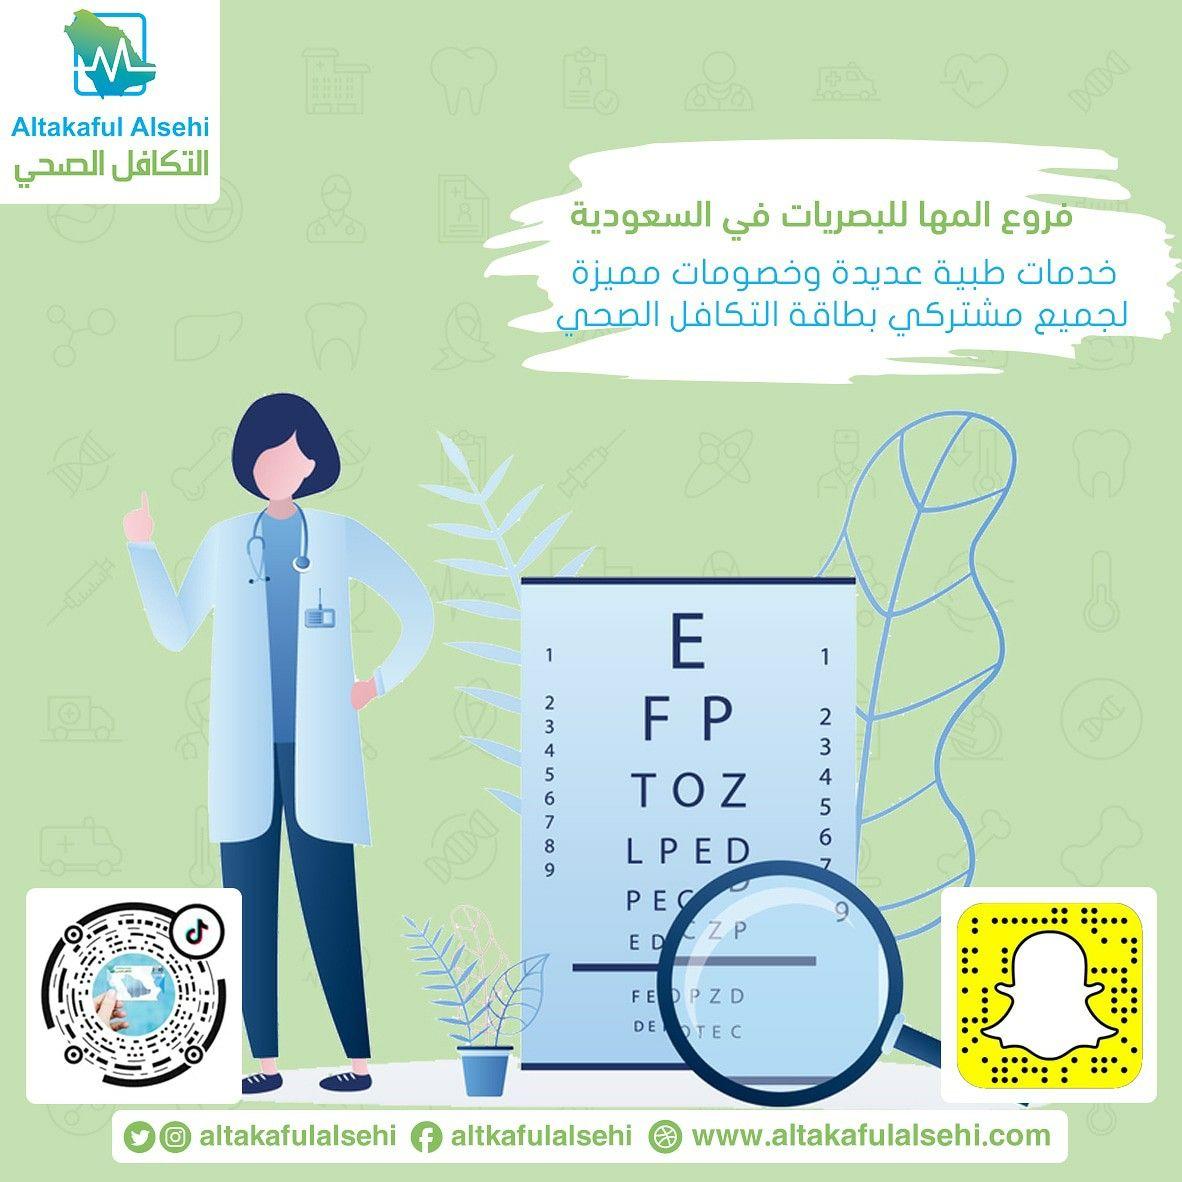 فروع المها للبصريات في السعودية تقدم لكم خصومات مميزة لحاملي بطاقة التكافل الصحي بصريات عيون نظارات إطارات عدسات In 2020 Health Insurance Health Map